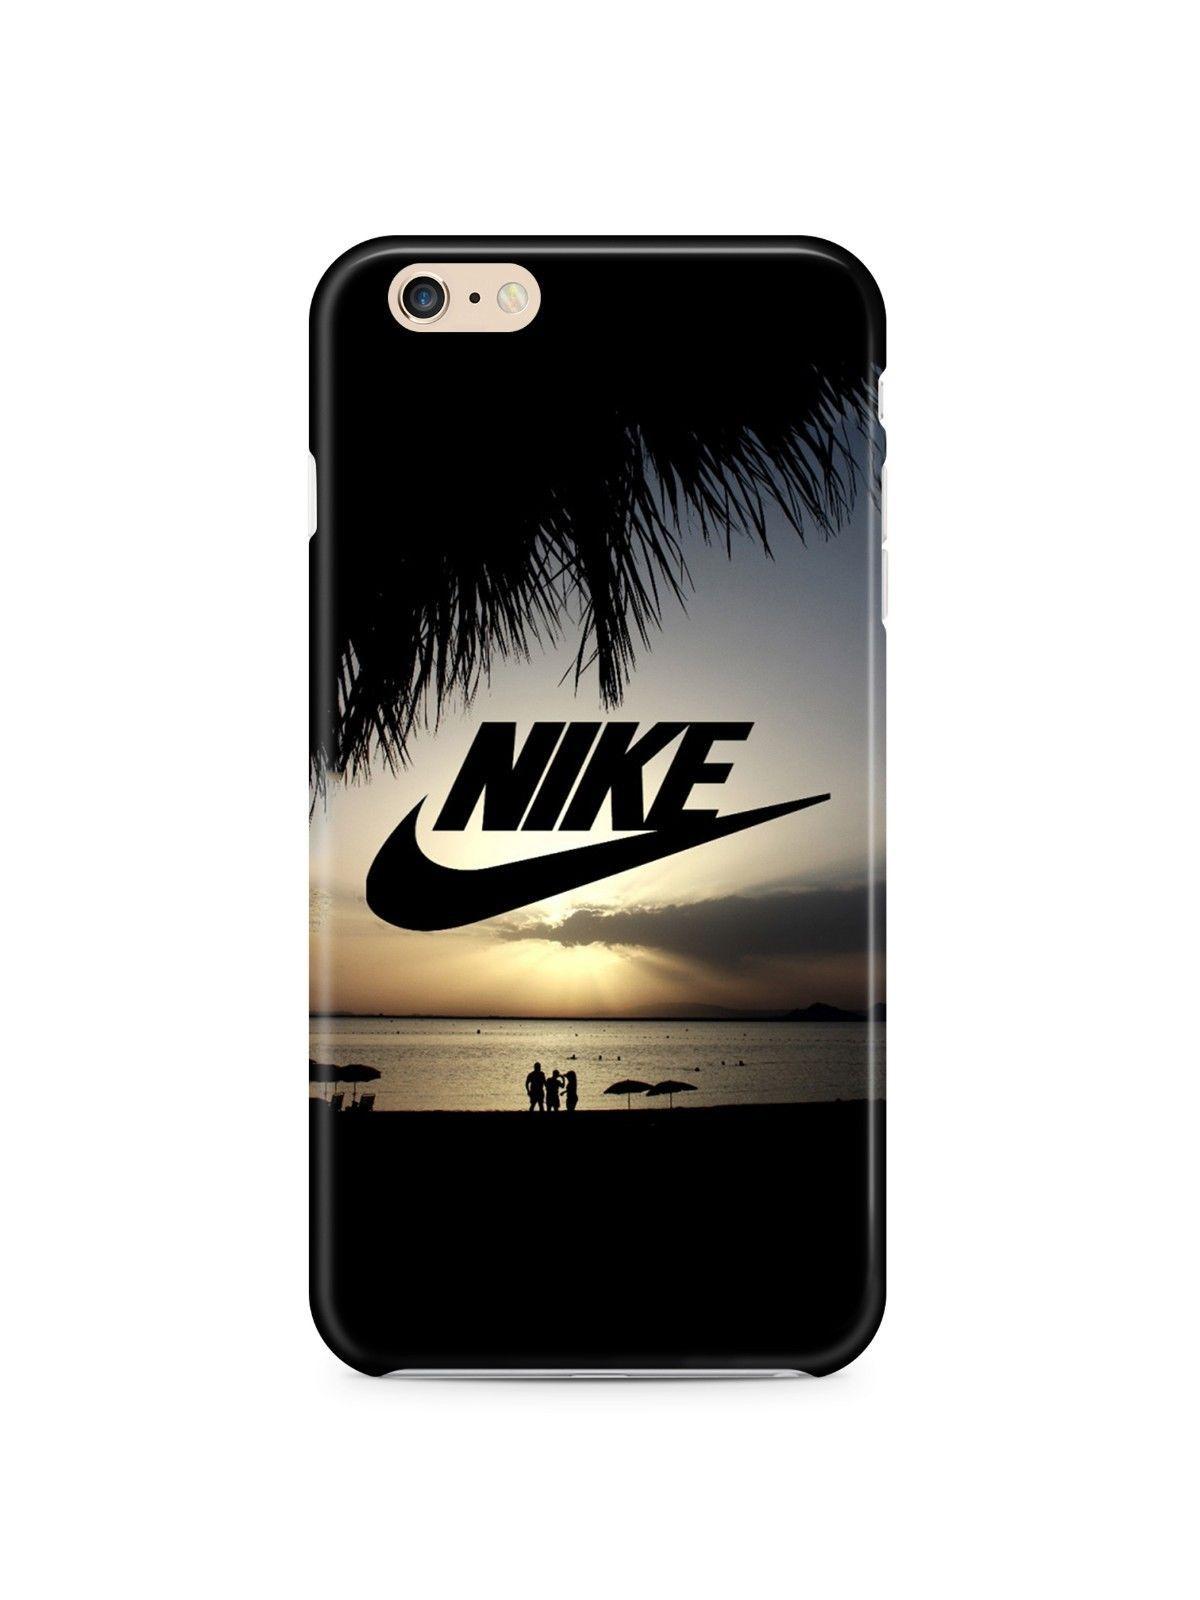 Nike Phone Cases Iphone S Plus